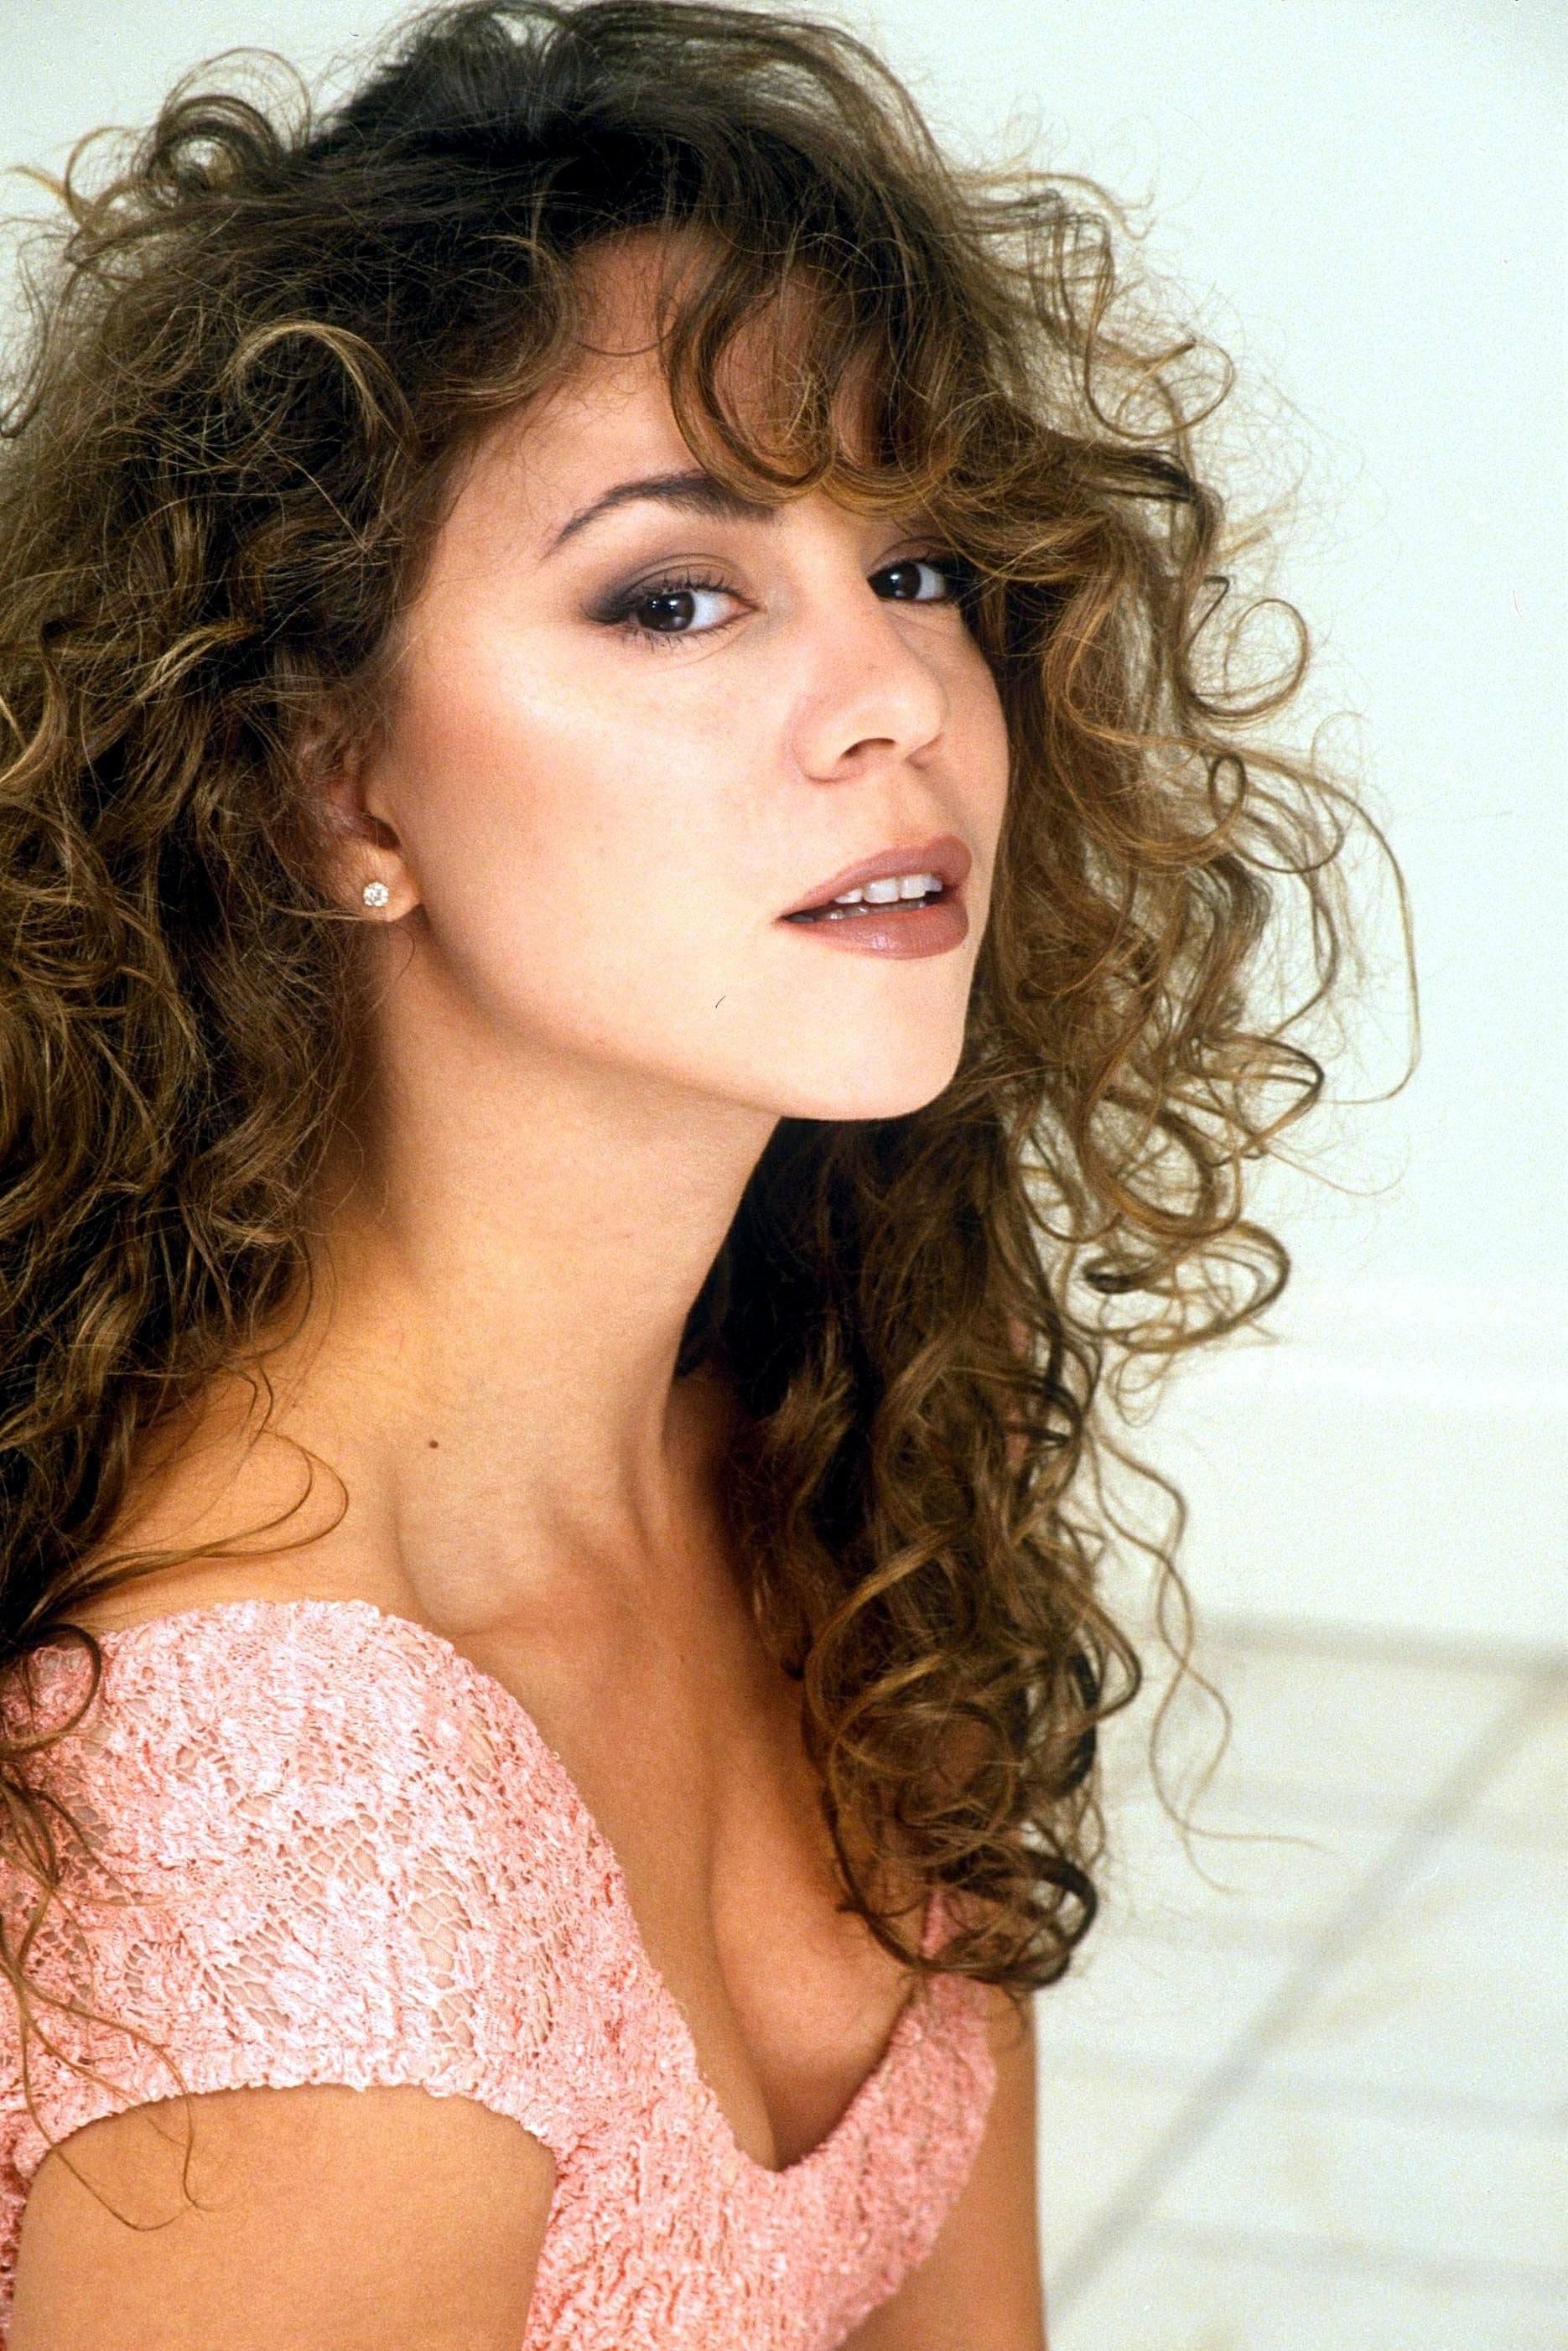 Coiffures des années 90 : Mariah Carey, cheveux bruns naturellement bouclés avec une frange sur le côté, portant une robe rose